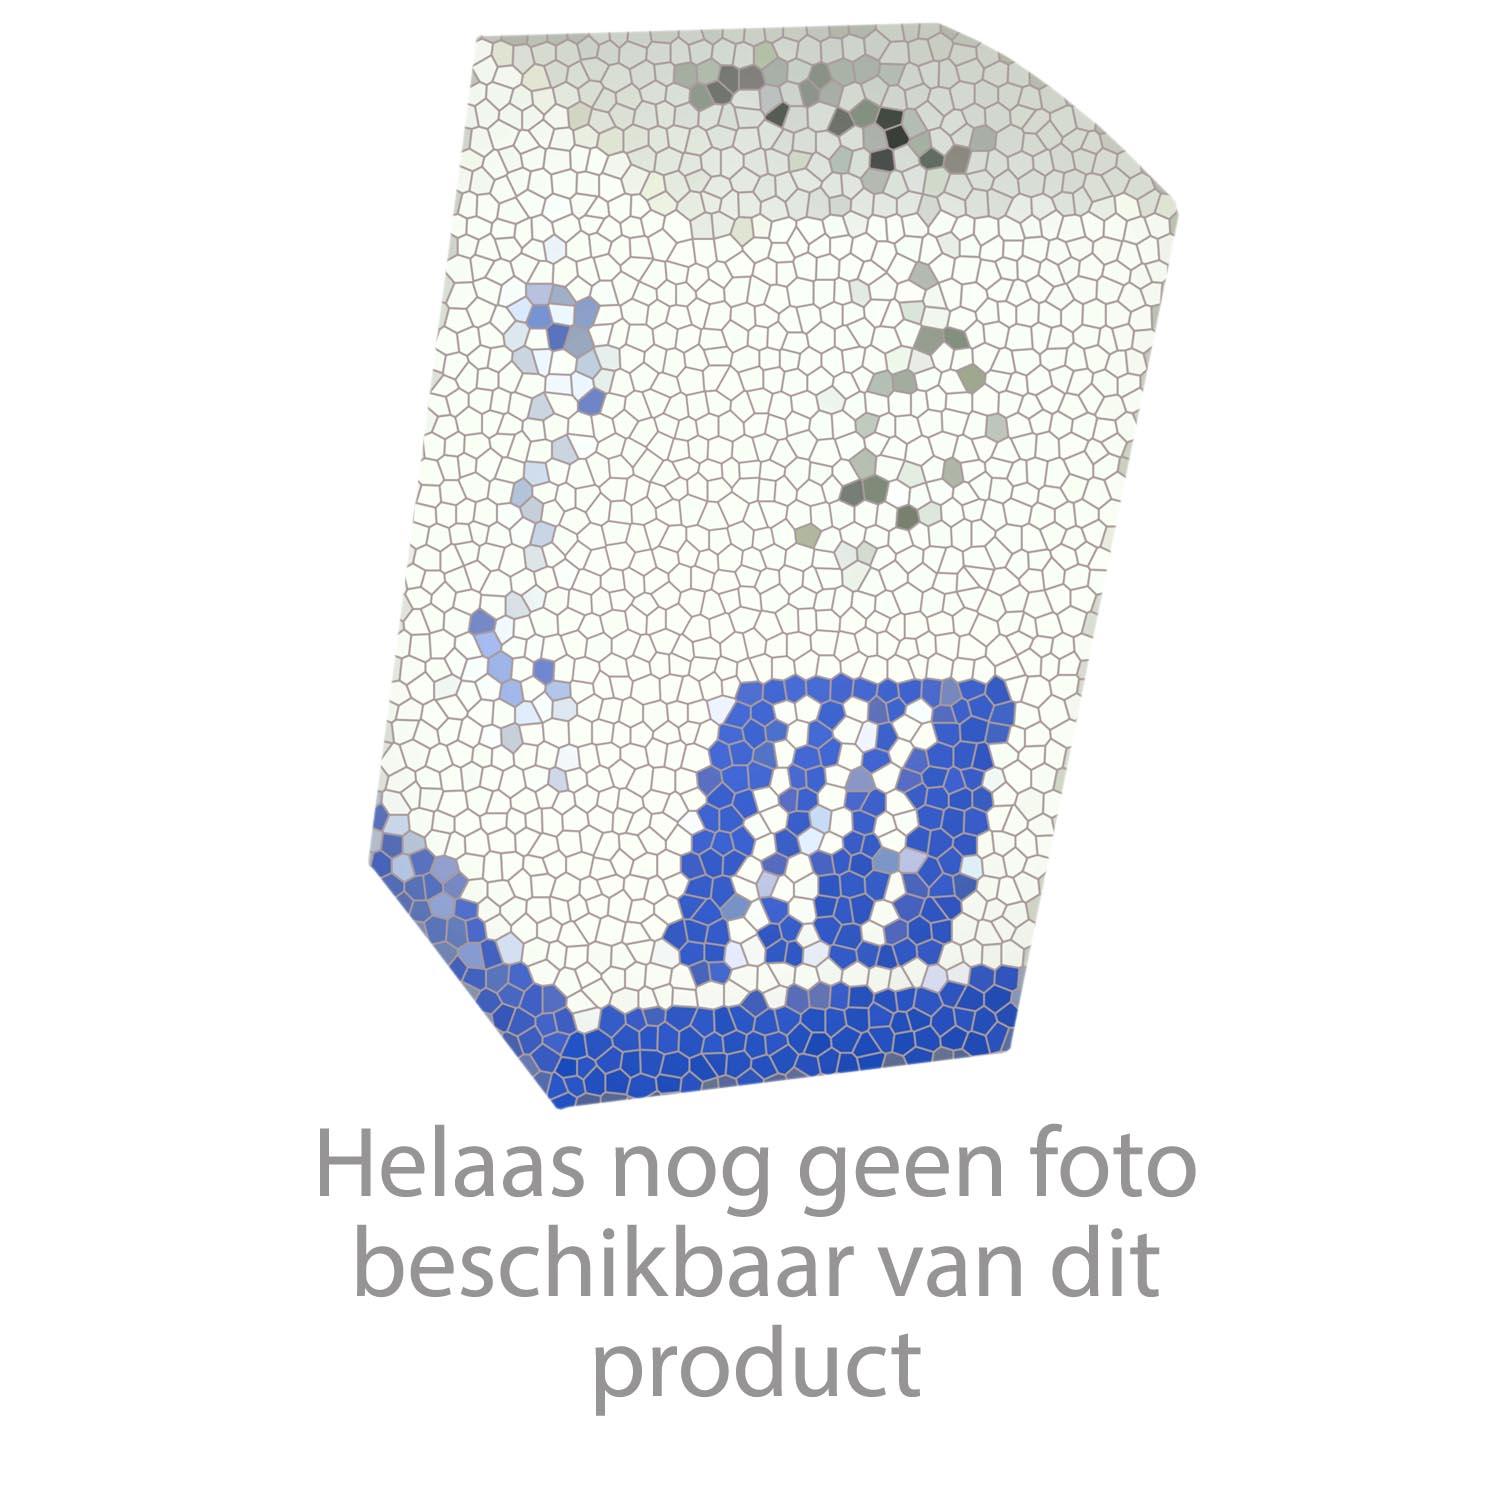 VSH Bovendeel demontagebeugel Aqua secure vorstvrije buitenkraan GK116SP / Seppelfricke